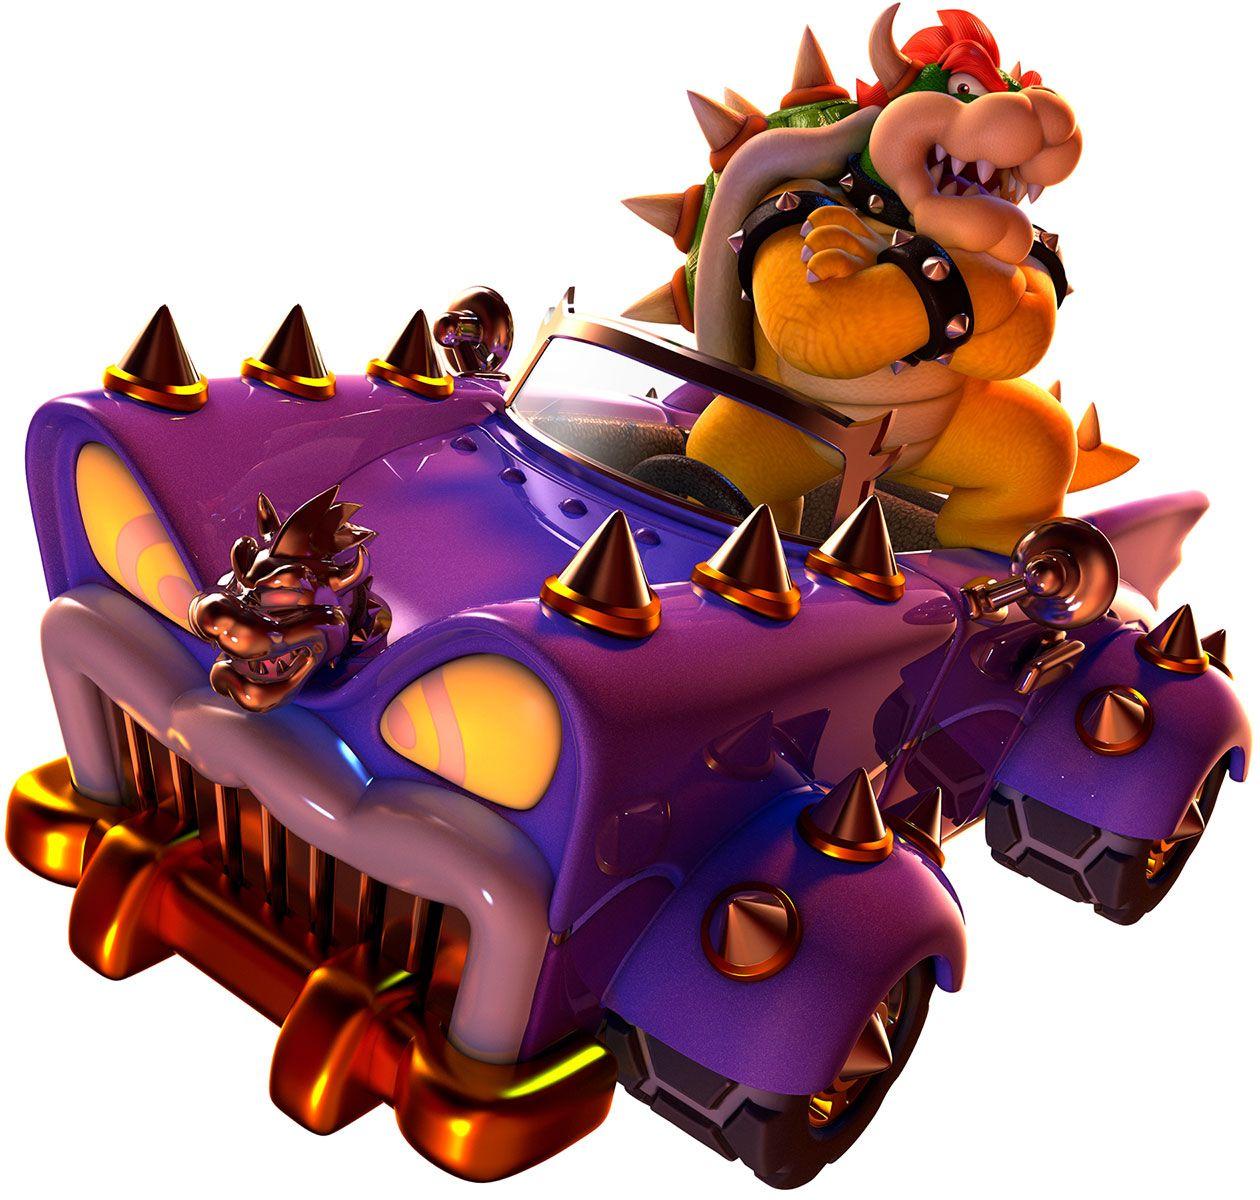 Bowser super mario 3d world character pinterest